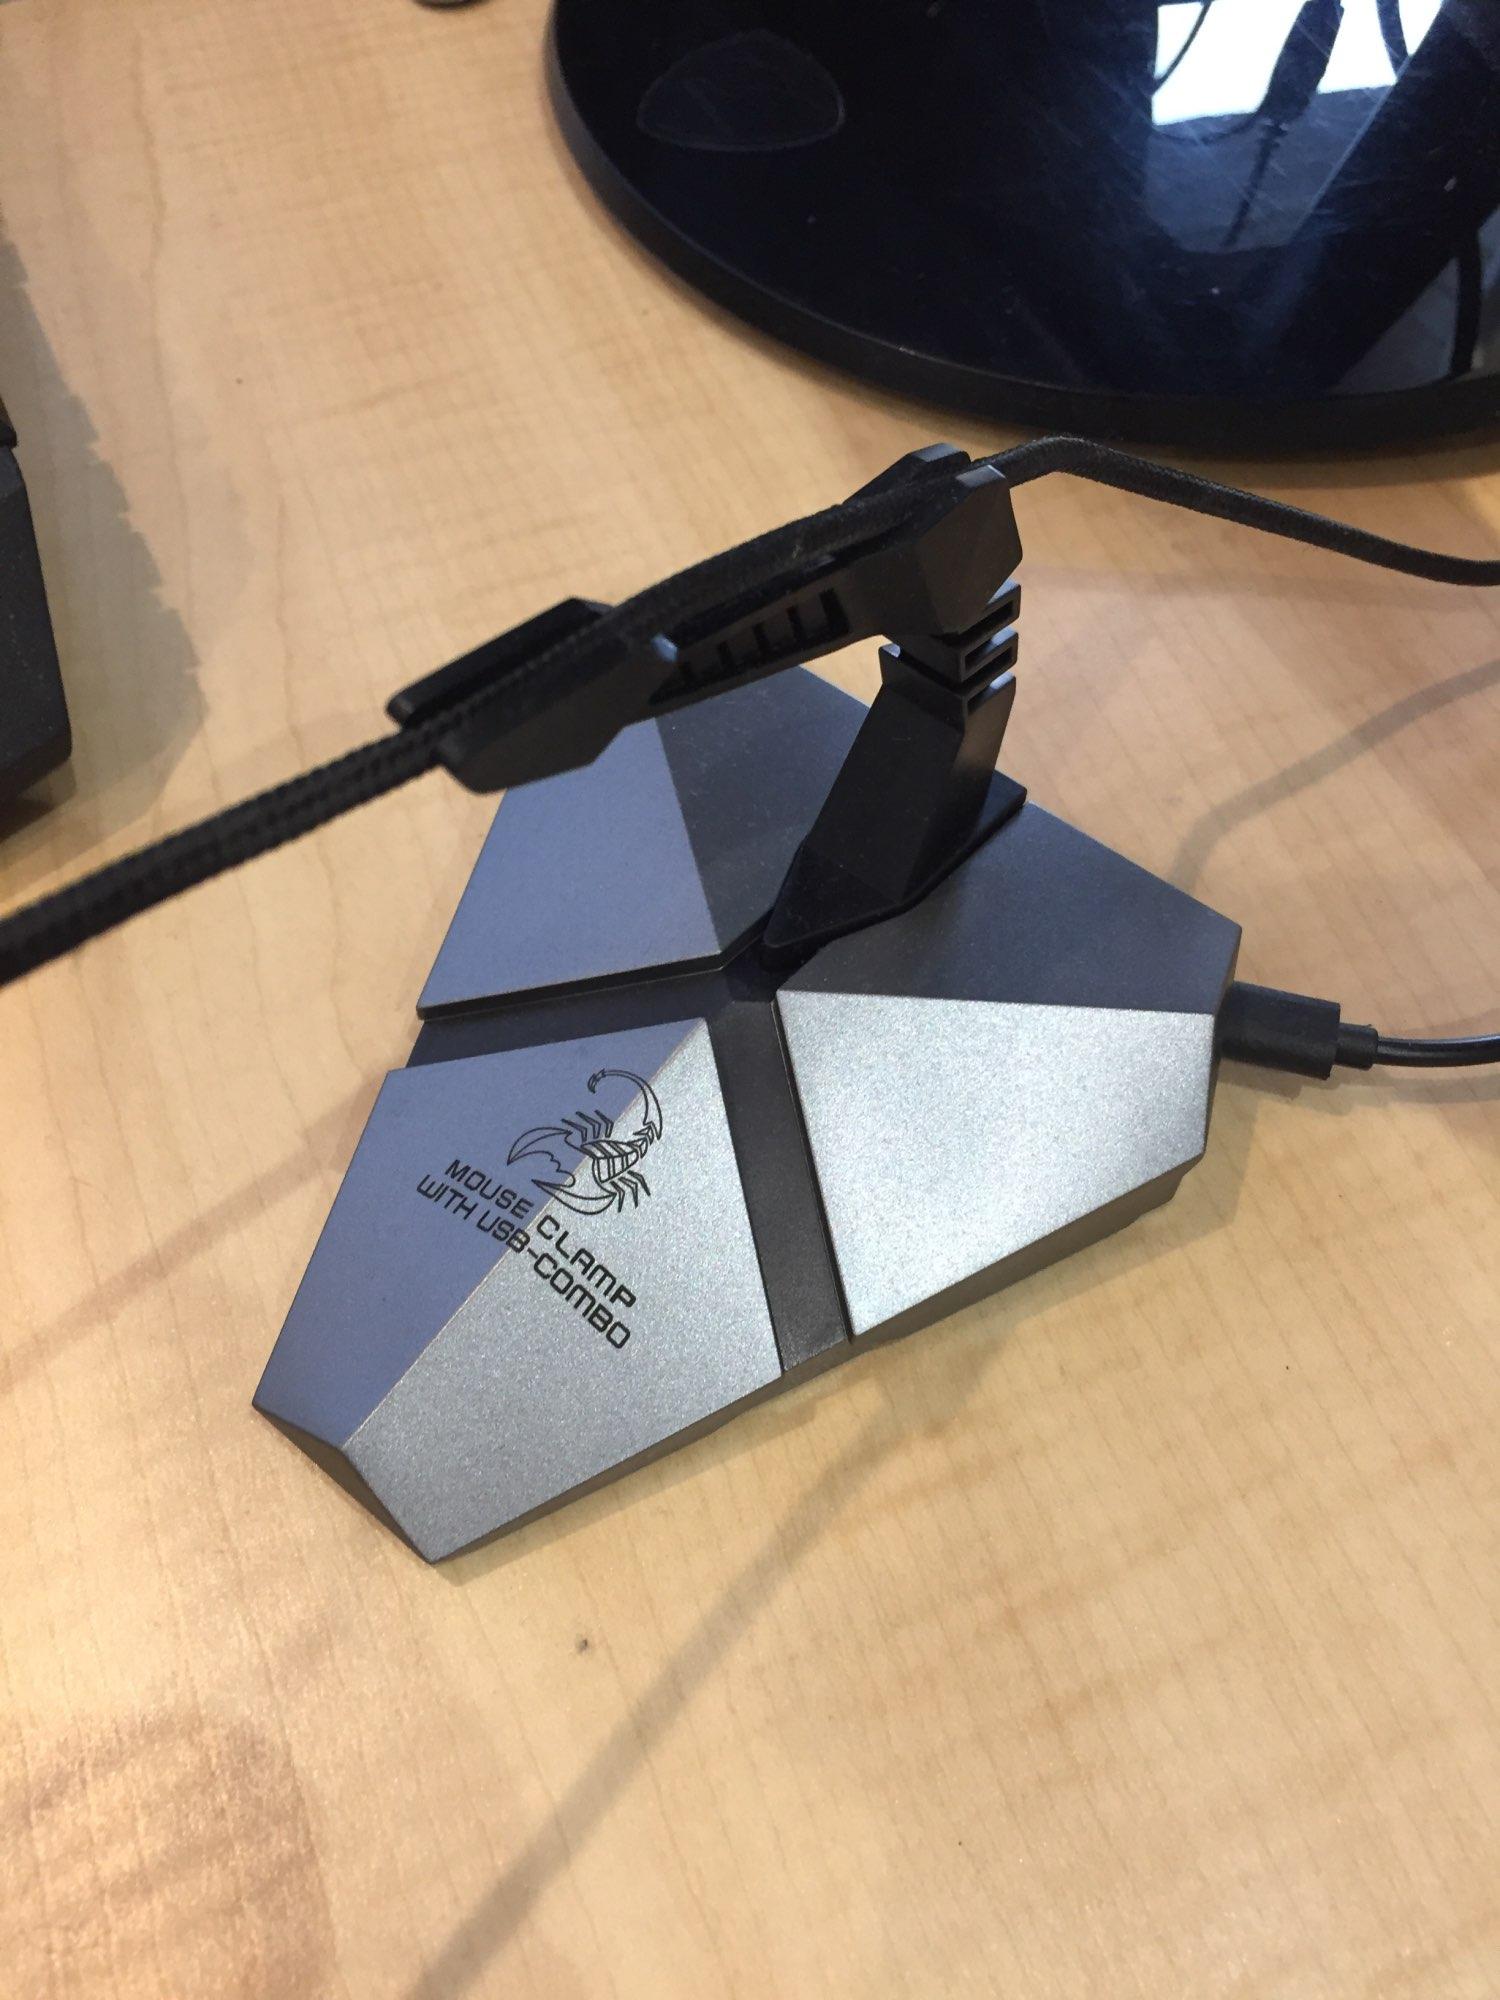 Отзыв о товаре Держатель кабеля игровой концентратор встроенный 7 меняющихся цветов LED мышь с подсветкой банджи USB кабели ментальные 3-портовые планшеты сети от пользователя M***v